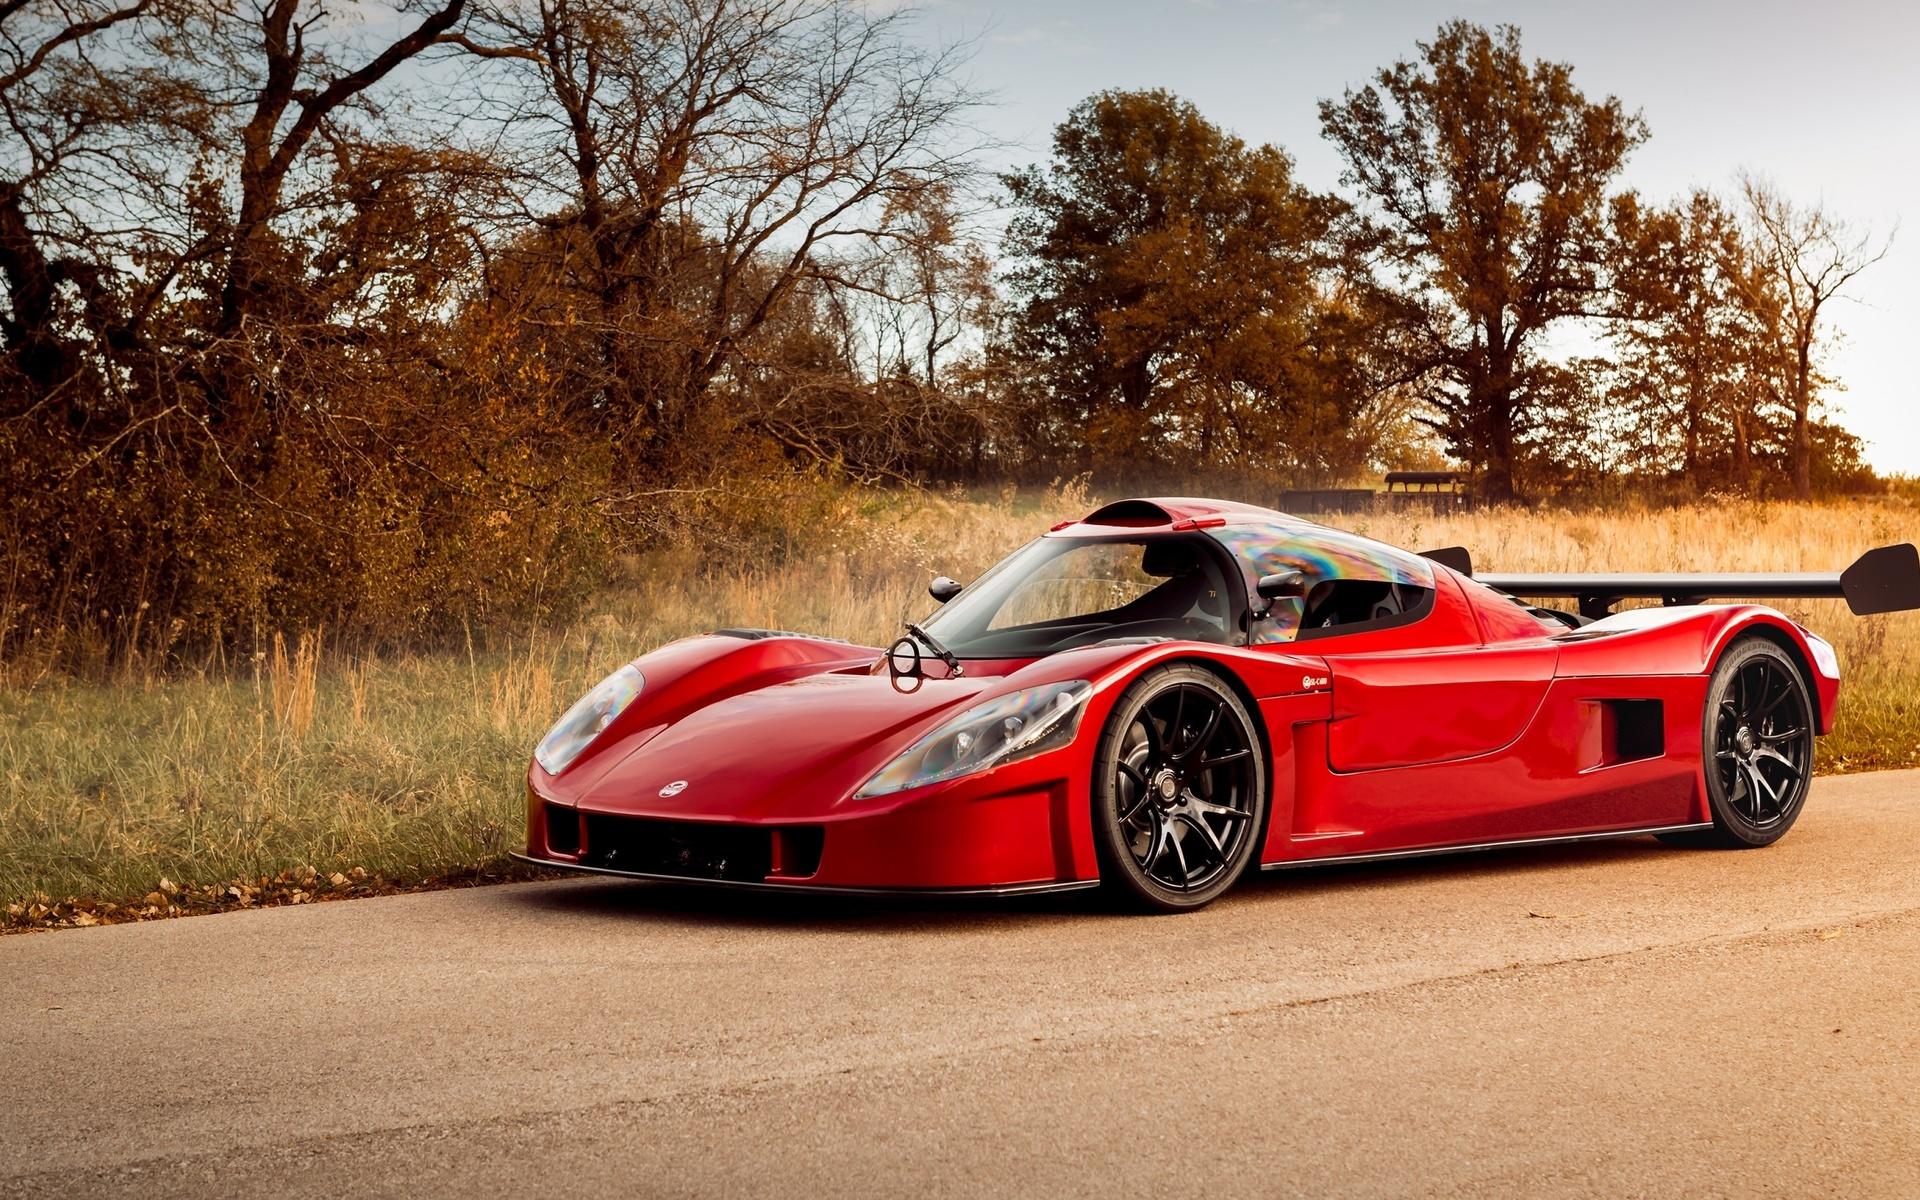 superlite, slc, 600, спорткар,красный,дорога,вид сбоку